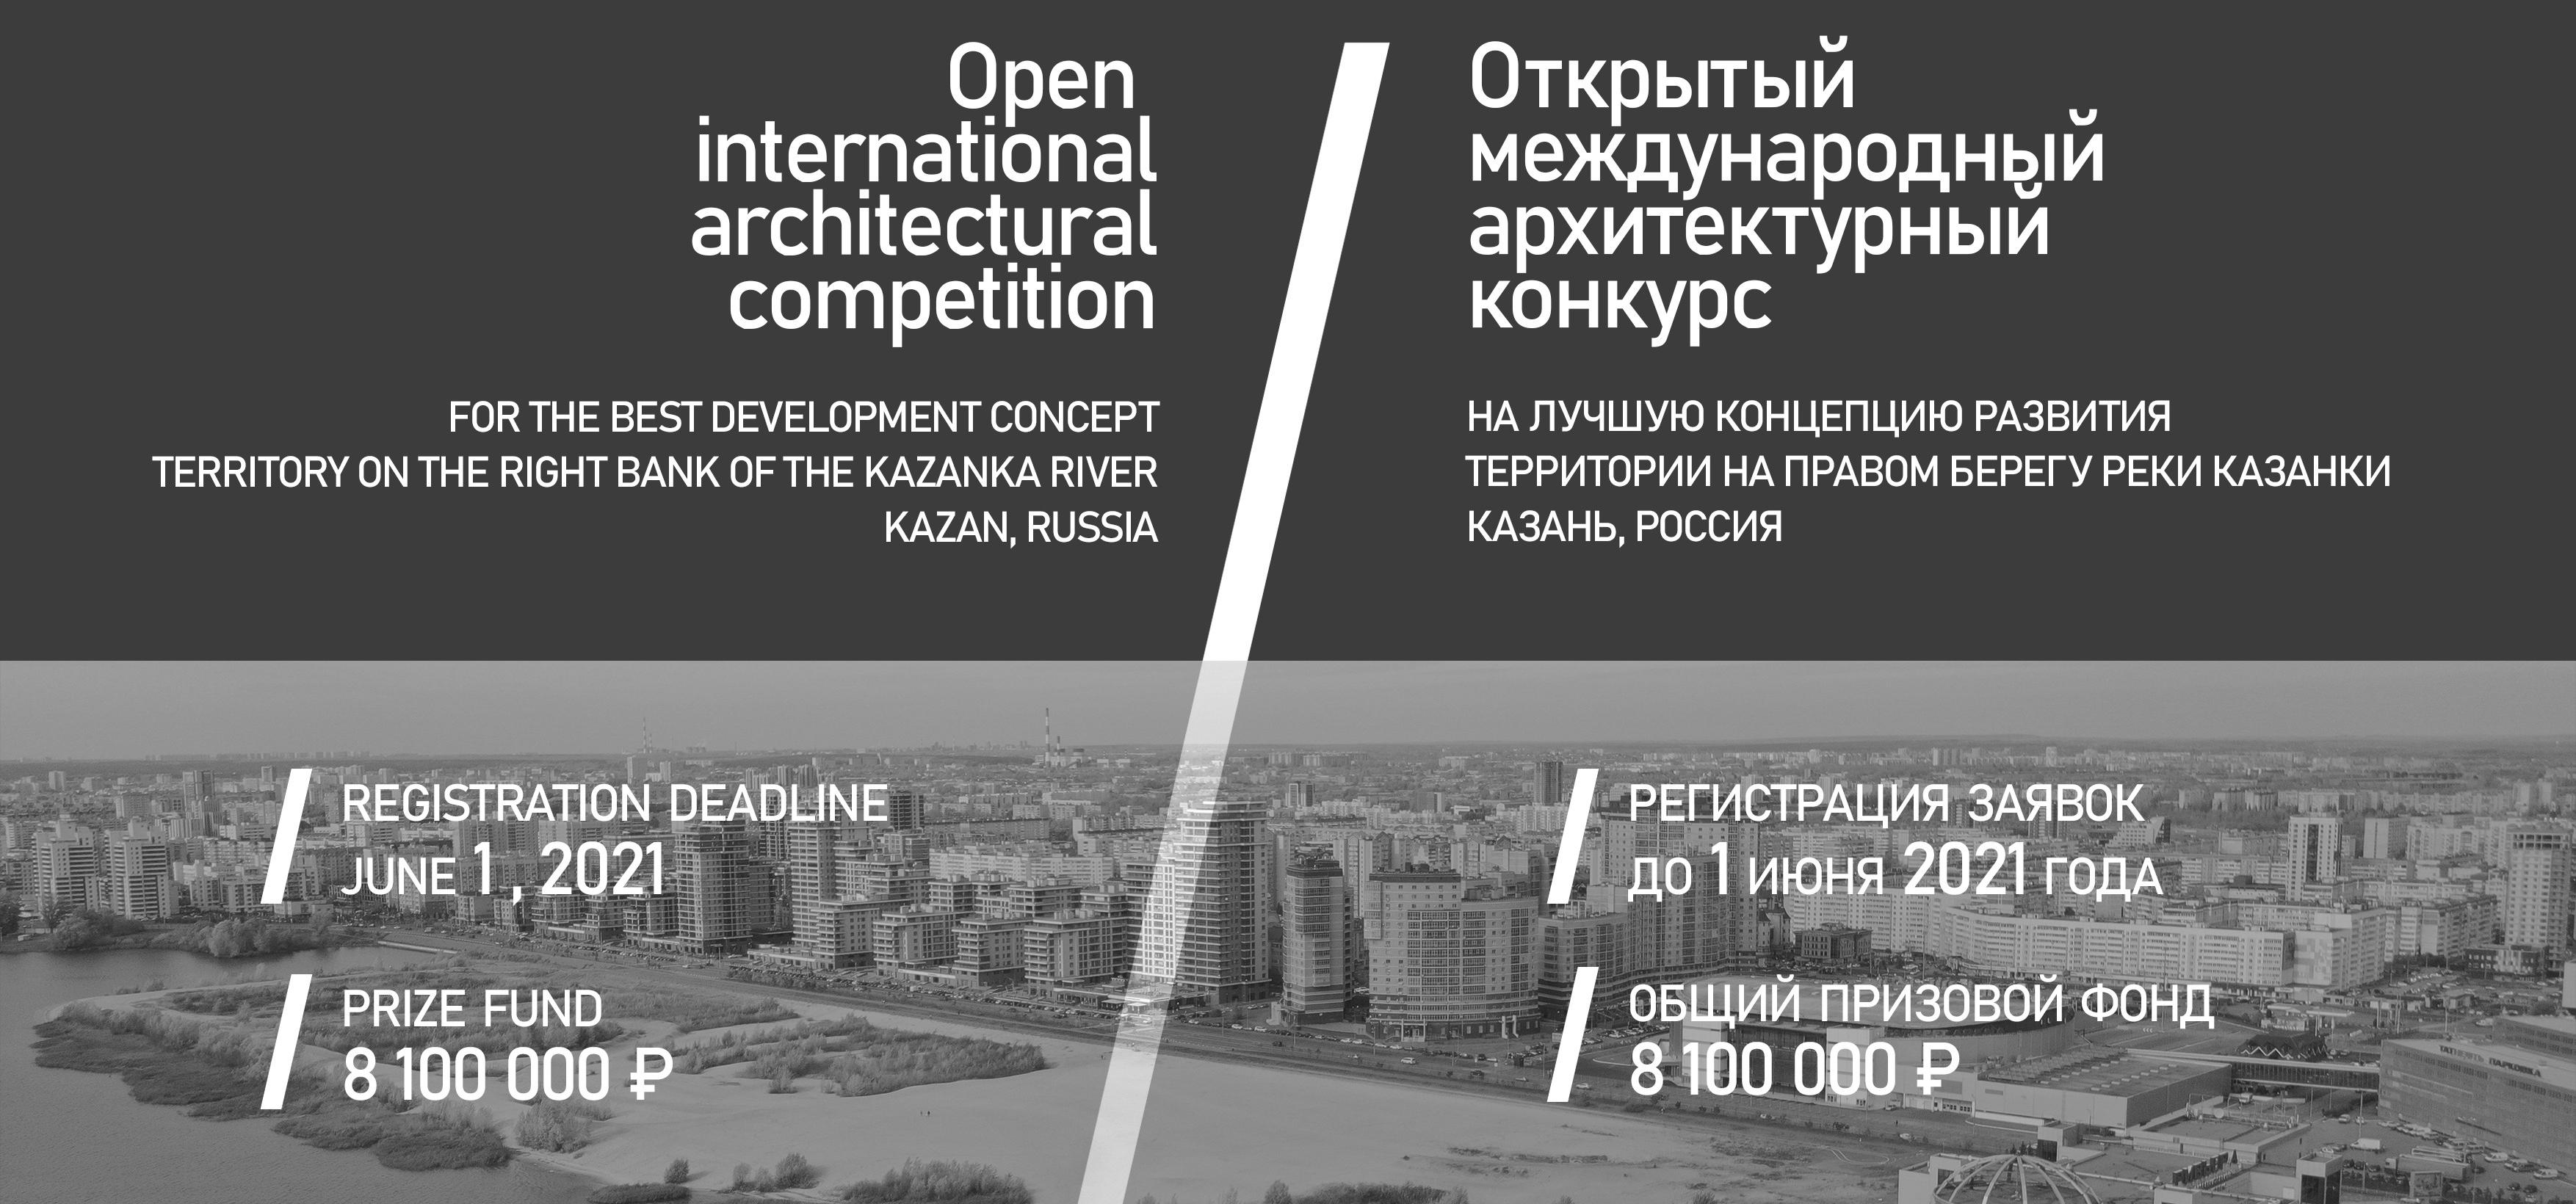 俄罗斯喀山卡河右岸最佳发展方案概念建筑竞赛